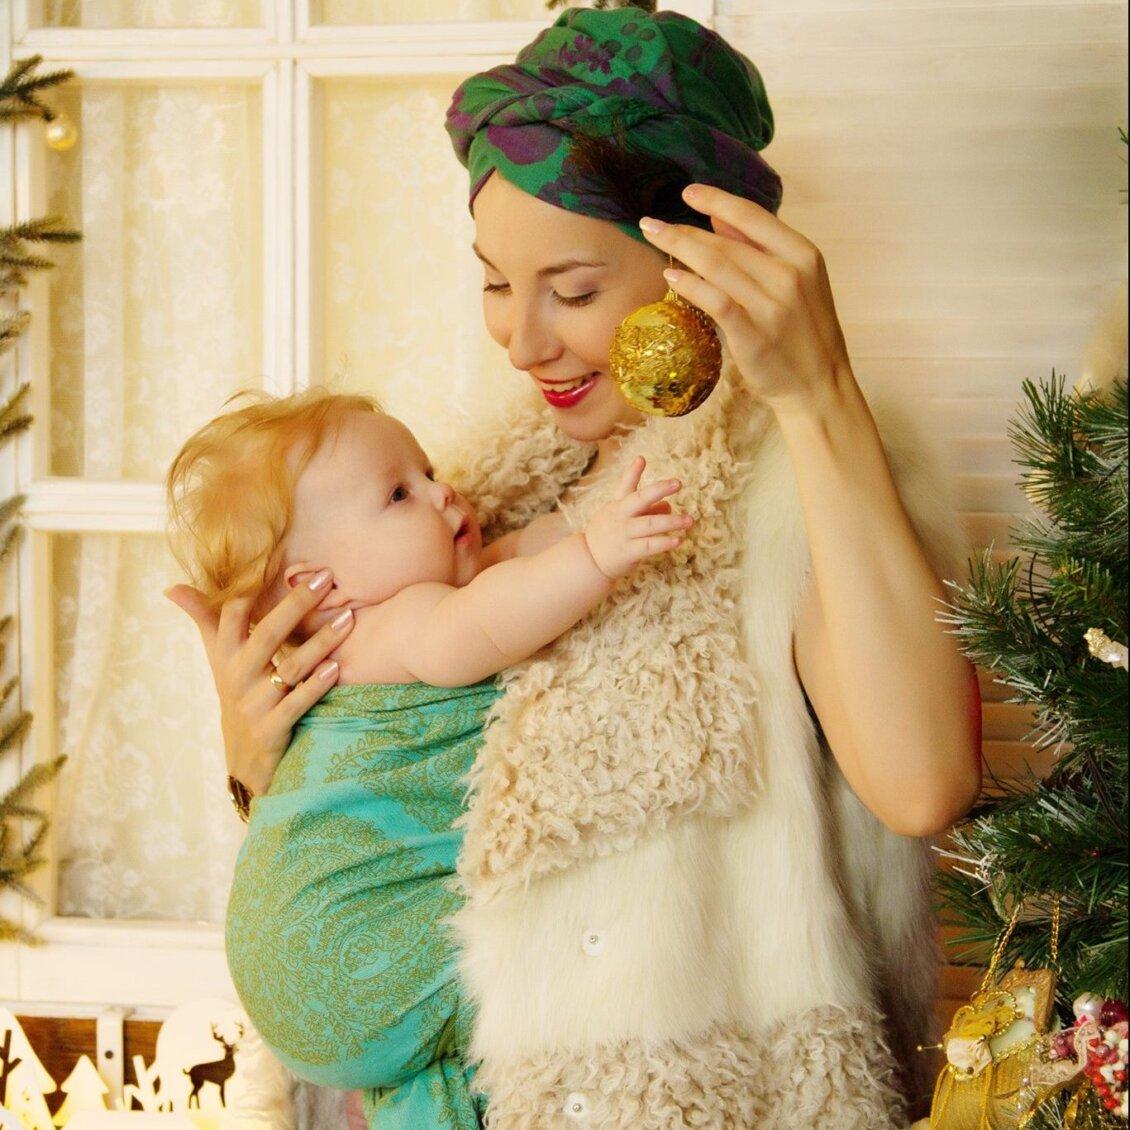 b1b6776f65 2015-11-20 Farkas Veronika Mosható pelenka baba ajándék, baba karácsony 0